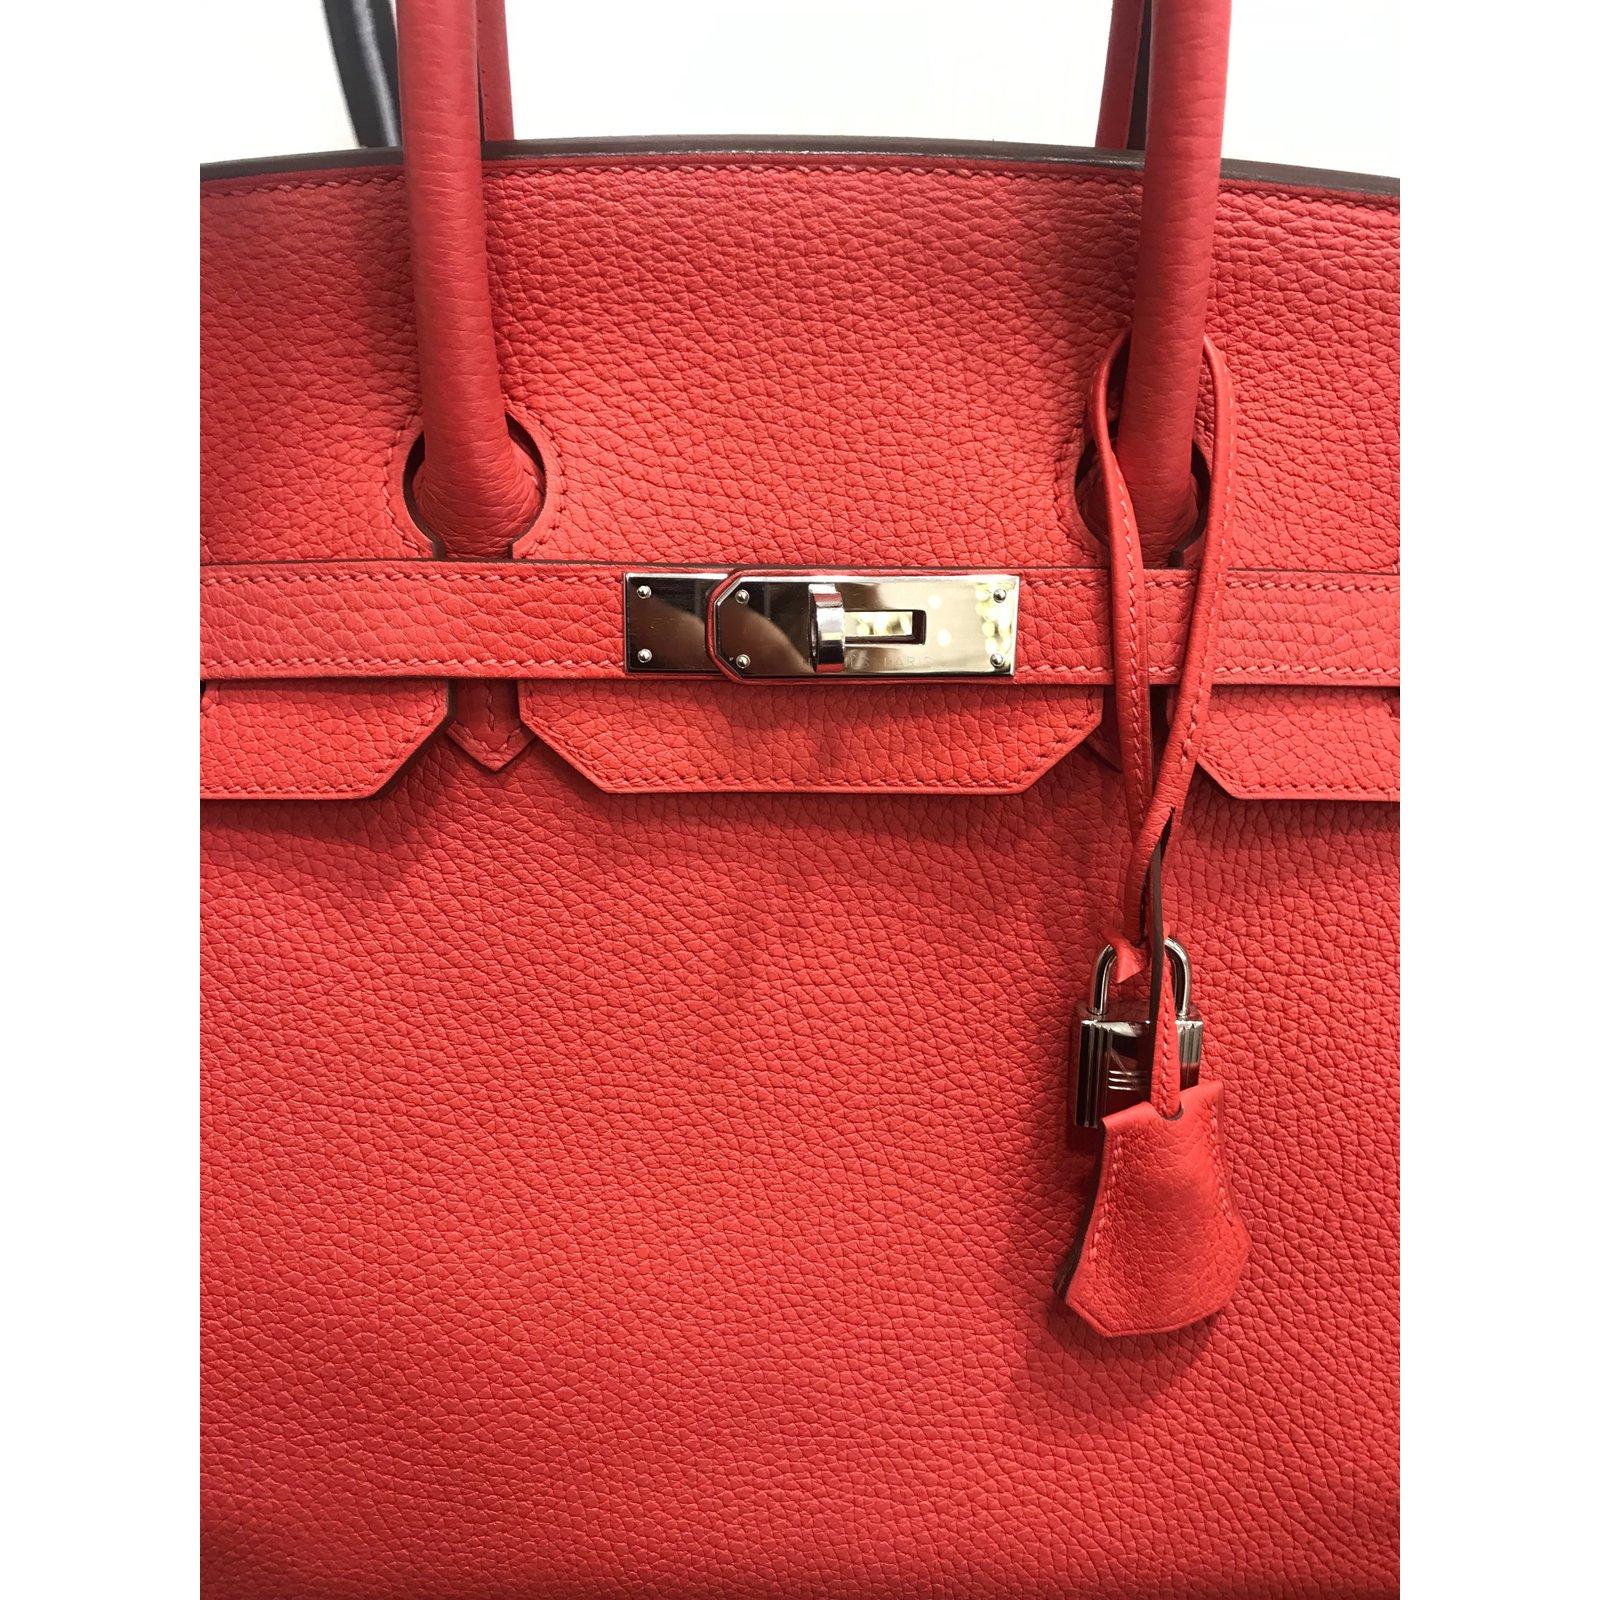 5b4ec3b1f026 Hermès HERMES BIRKIN 35 Handbags Leather Coral ref.108331 - Joli Closet